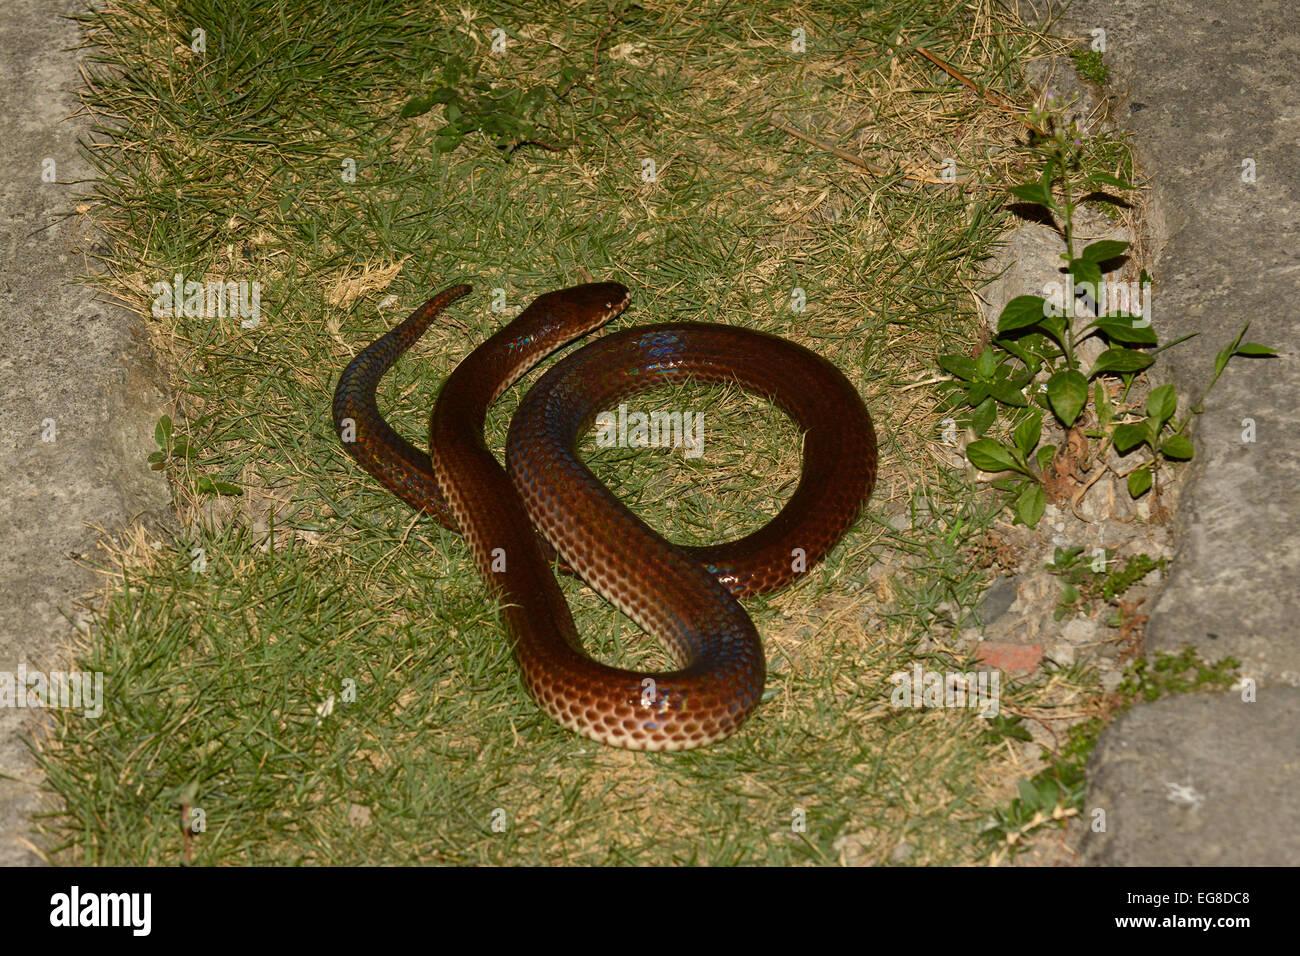 Sunbeam Snake (Xenopeltis unicolor) Bali, Indonesia, captive - Stock Image